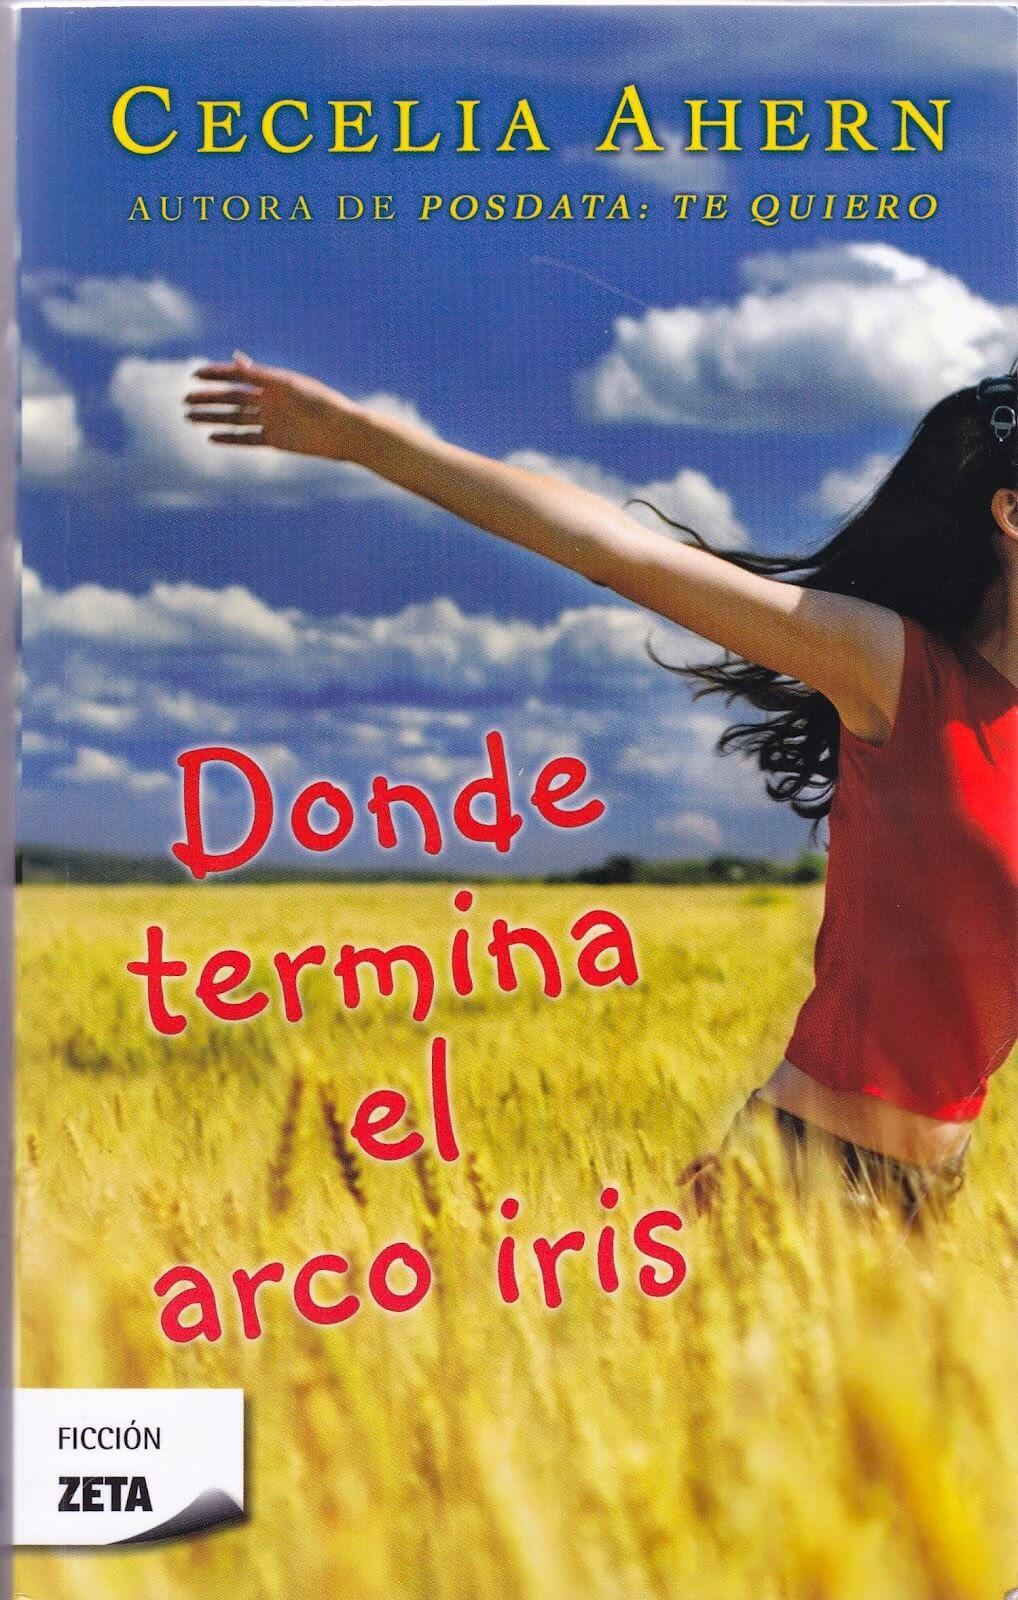 Descargar el libro Donde termina el arco iris (PDF - ePUB)